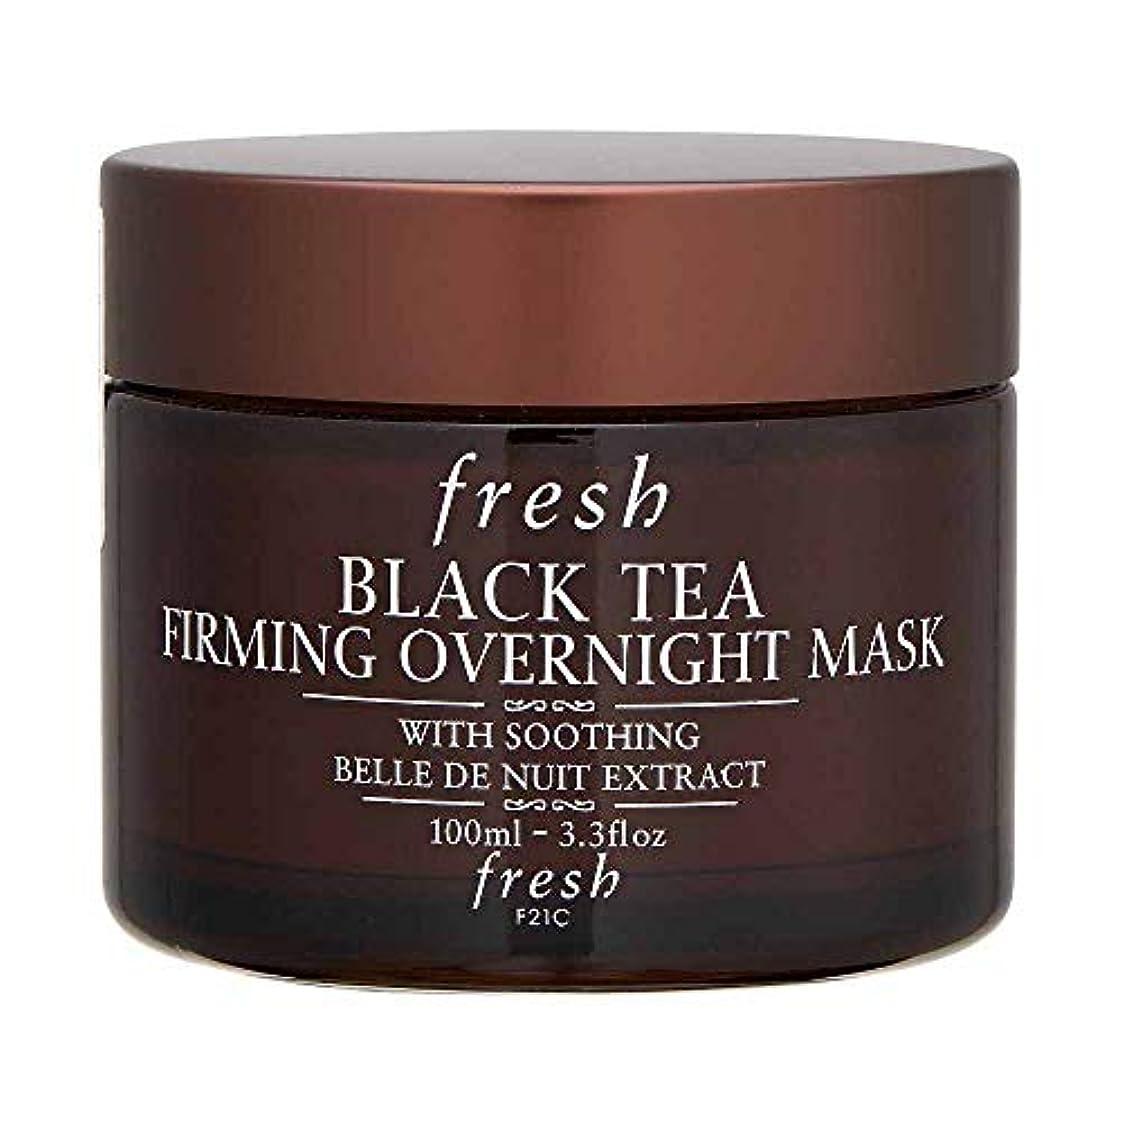 コントローラ大惨事表面的なフレッシュ(Fresh) ブラックティー ファーミング オーバーナイト マスク [並行輸入品]